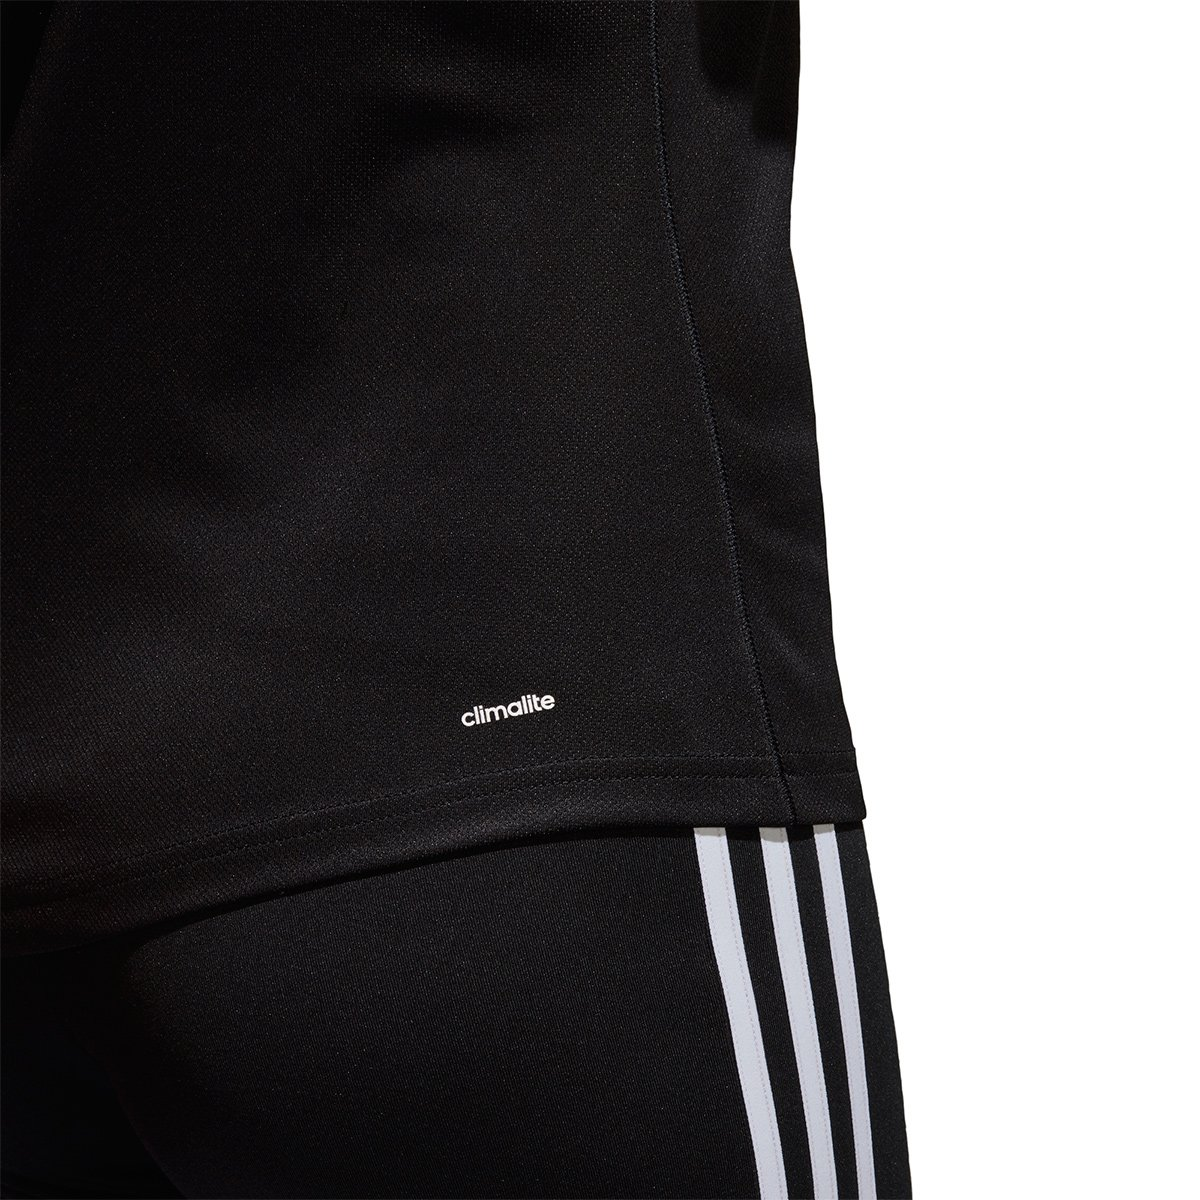 Camiseta Camiseta Adidas Adidas D2M Feminina D2M Lose Preto Lose qHyyFv